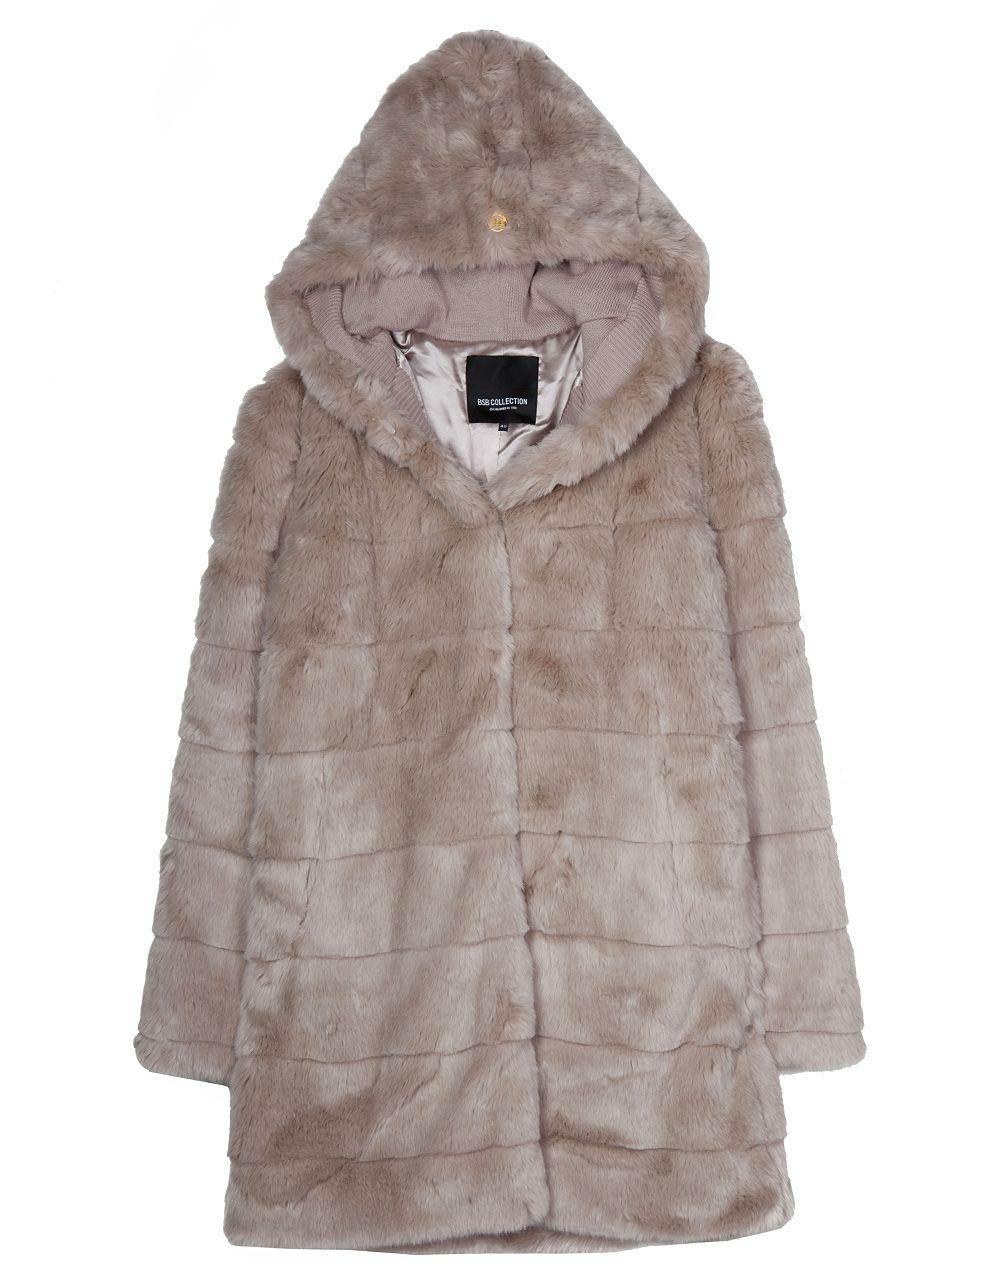 Midi γούνινο παλτό με κουκούλα –Για να το αποκτήσεις κάνε κλικ εδώ! e774dfed730